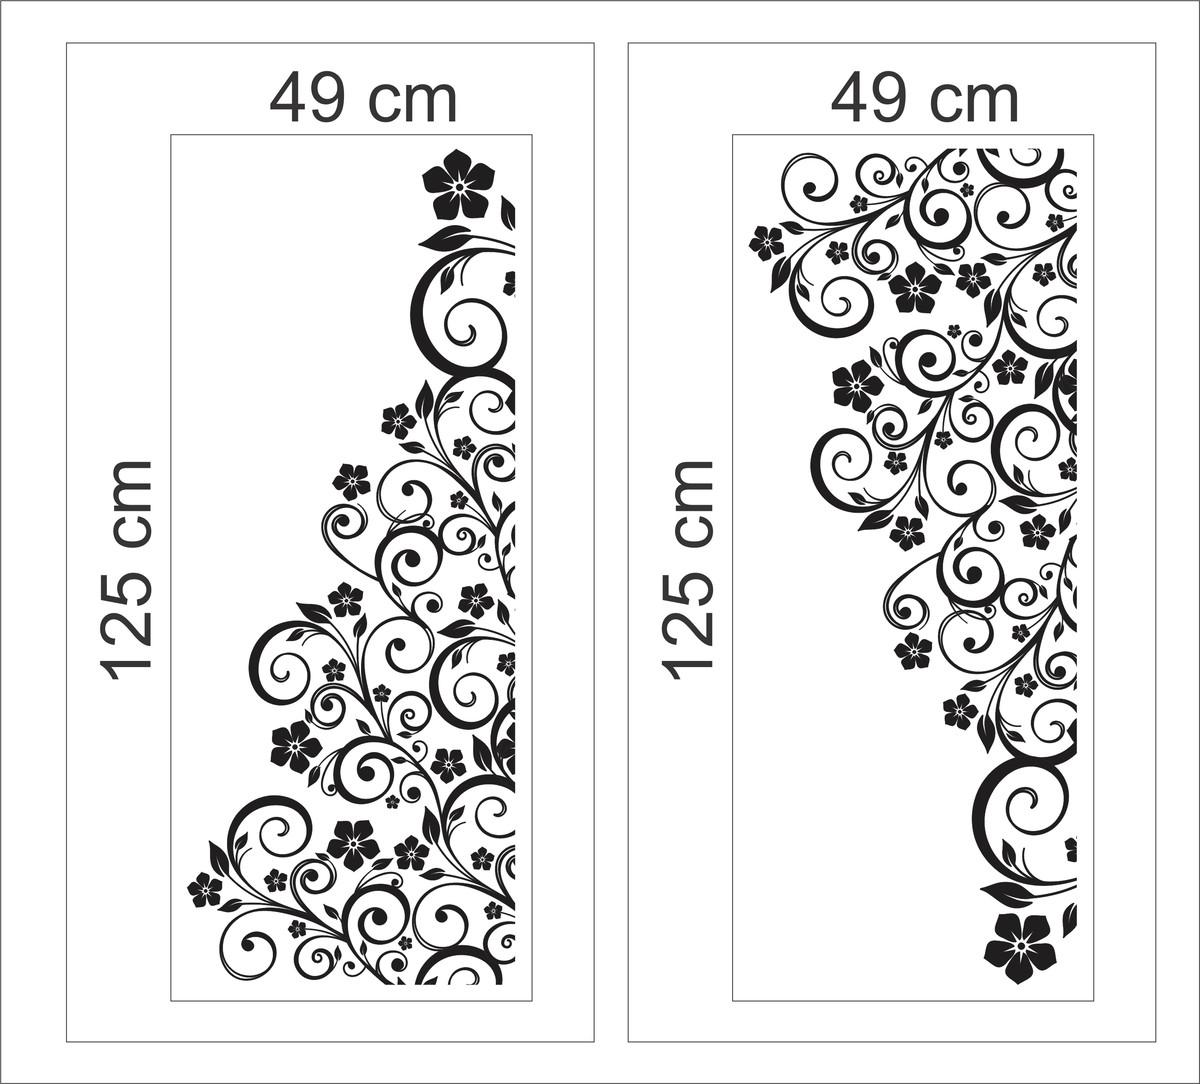 Imagens de #272727 box banheiro floral blindex adesivos de parede adesivo box banheiro  1200x1084 px 3490 Blindex Para Banheiro Maringa